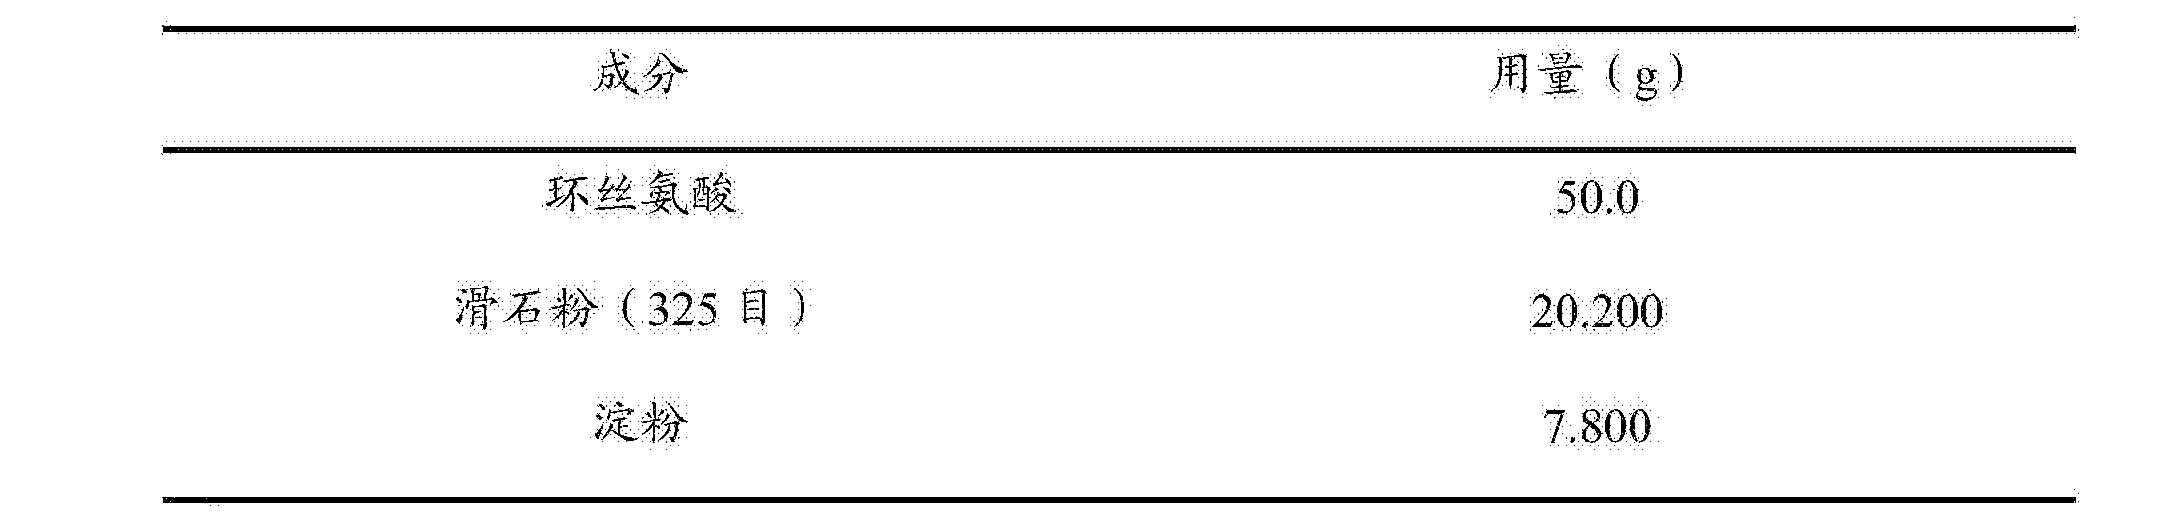 Figure CN105476976BD00181